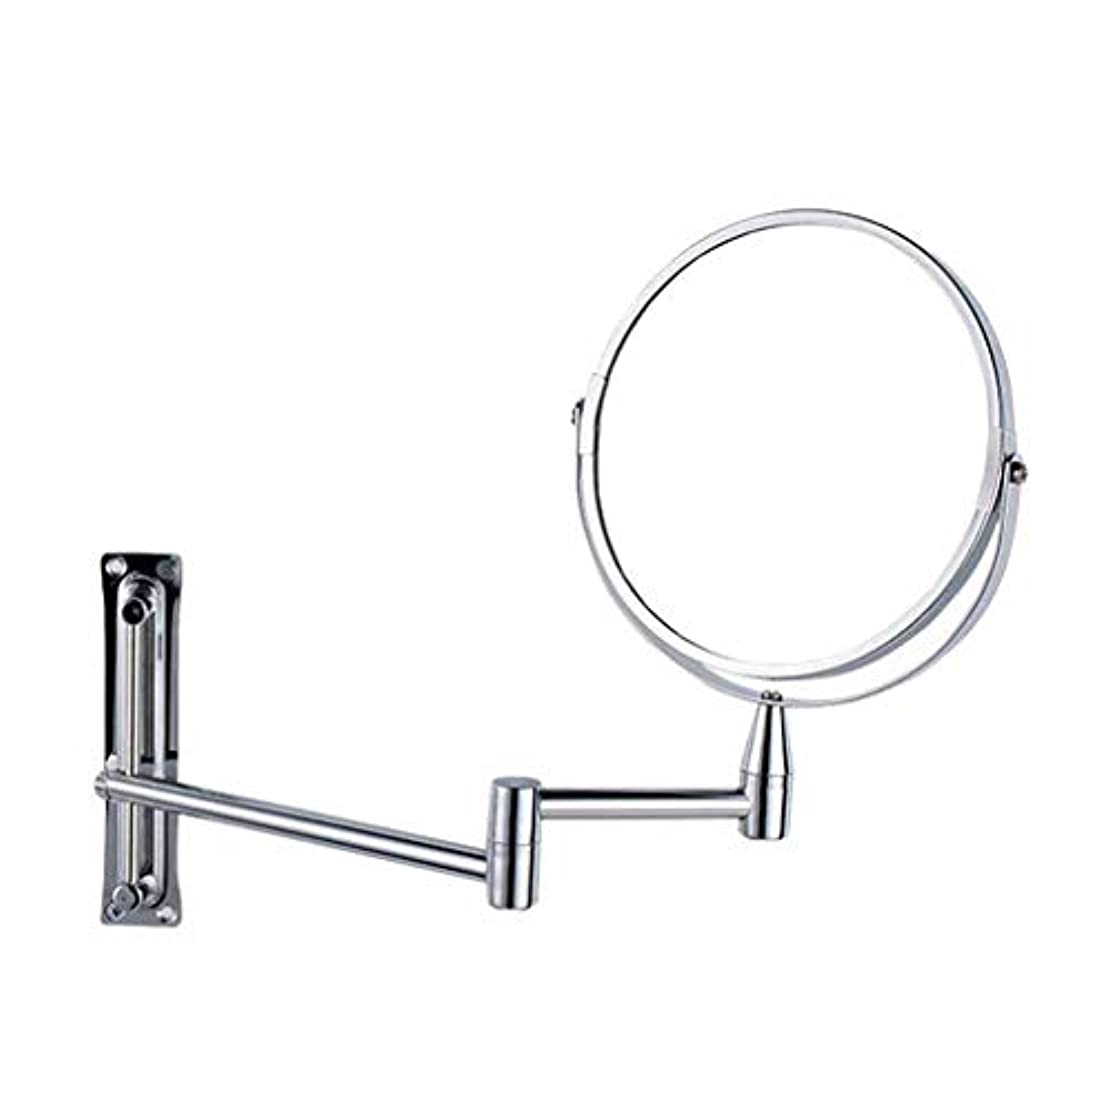 出くわす見る人有効なACMEDE 両面化粧鏡 壁付け 折りたたみ 5倍拡大鏡+等倍 360度回転 伸縮可能 壁付けミラー 洋式アームミラー メイク道具 洗面所に取り付け